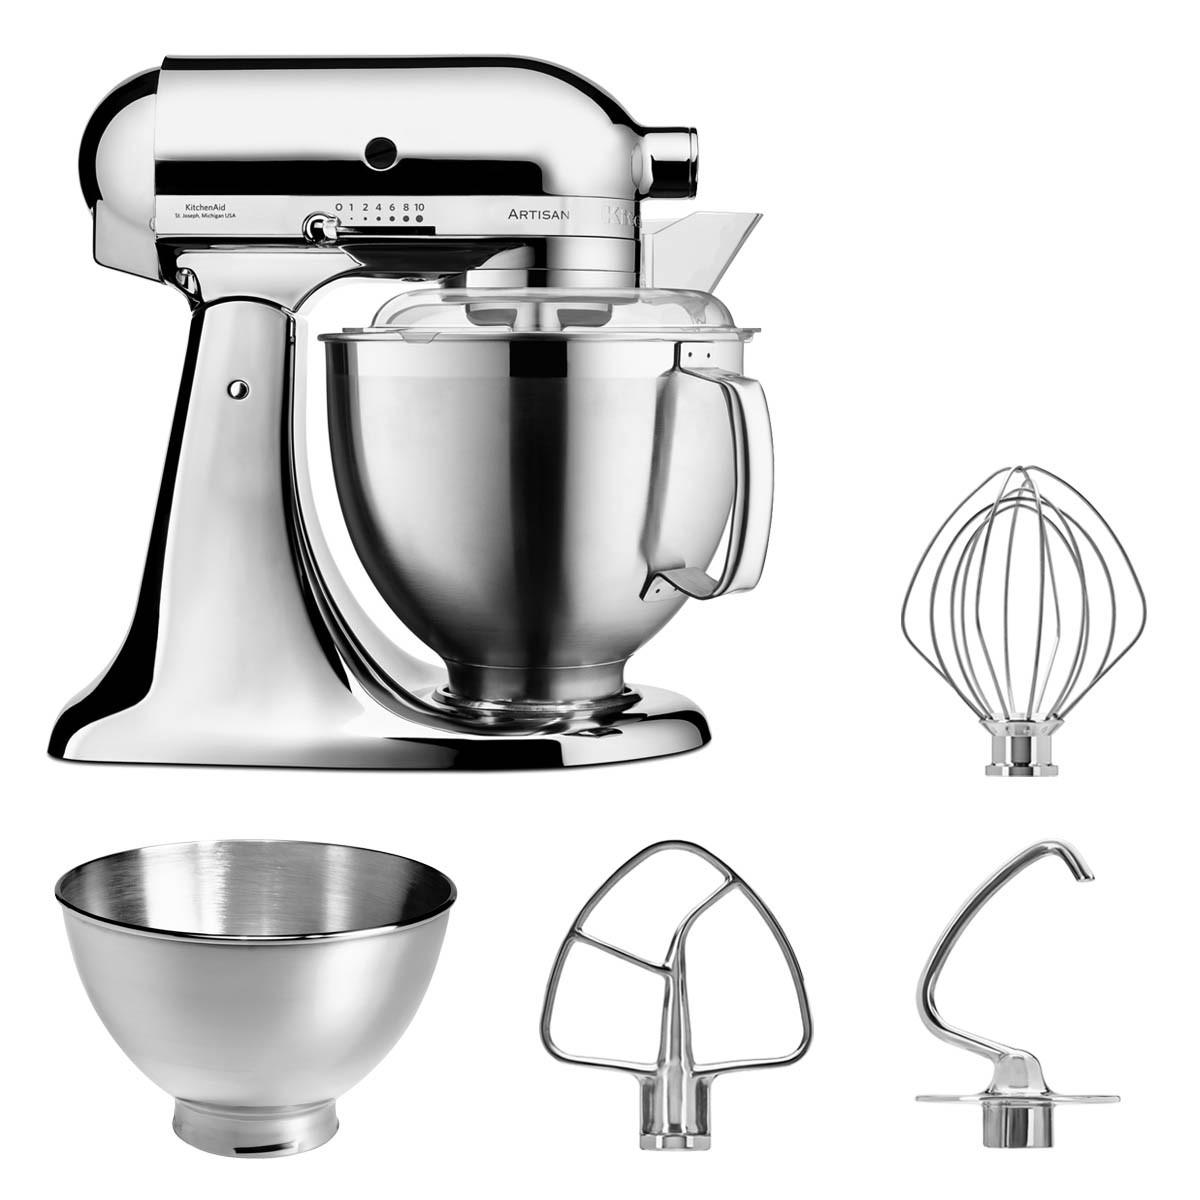 KitchenAid Küchenmaschine 5KSM185PS chrom